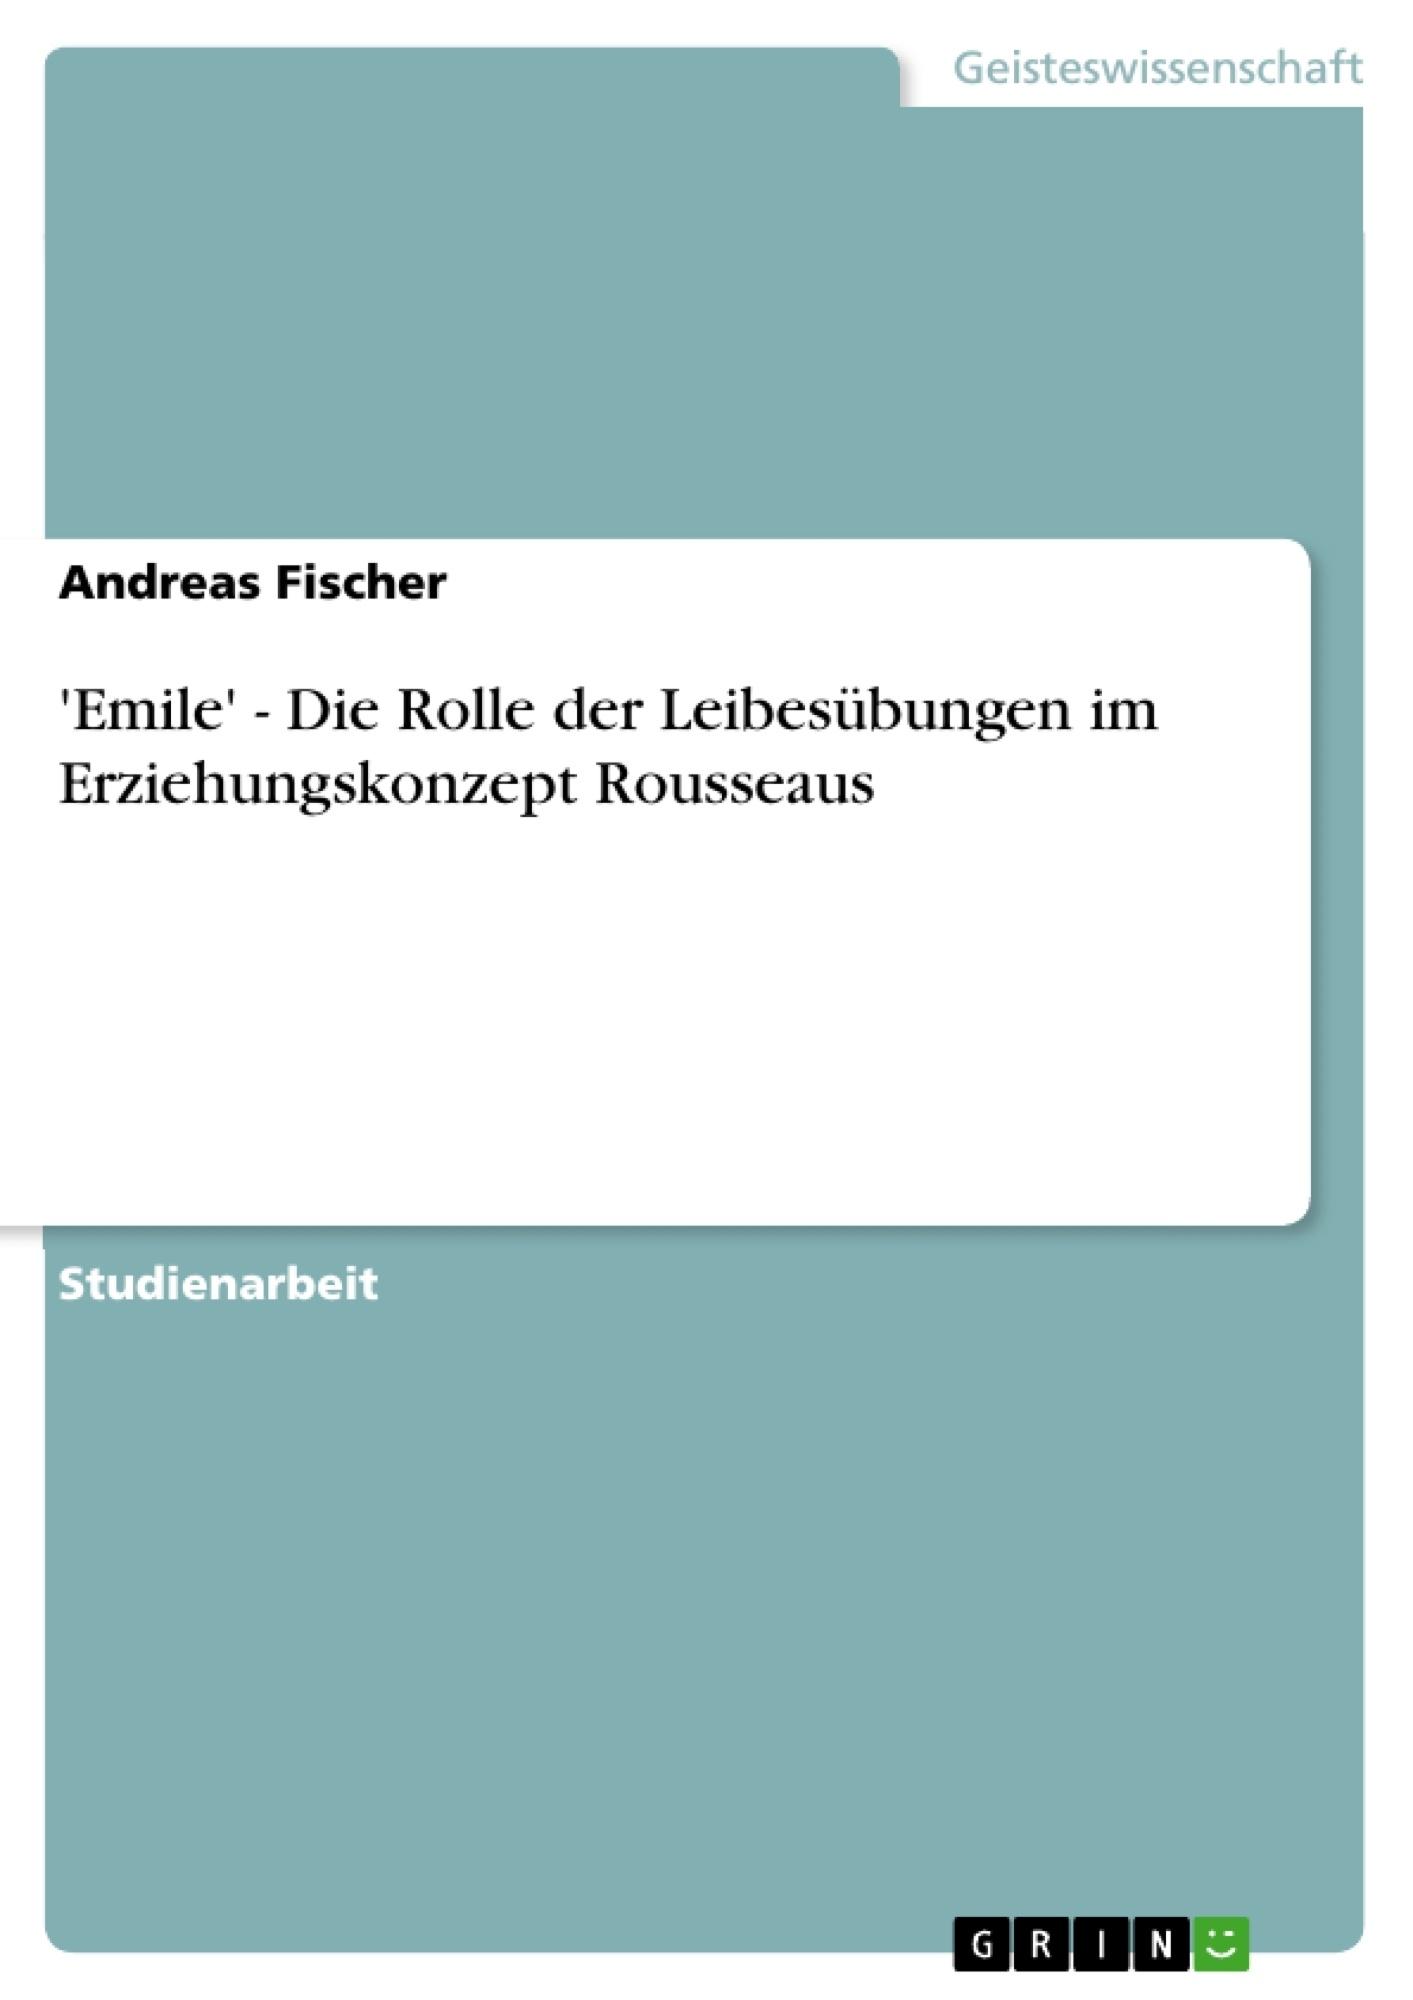 Titel: 'Emile' - Die Rolle der Leibesübungen im Erziehungskonzept Rousseaus